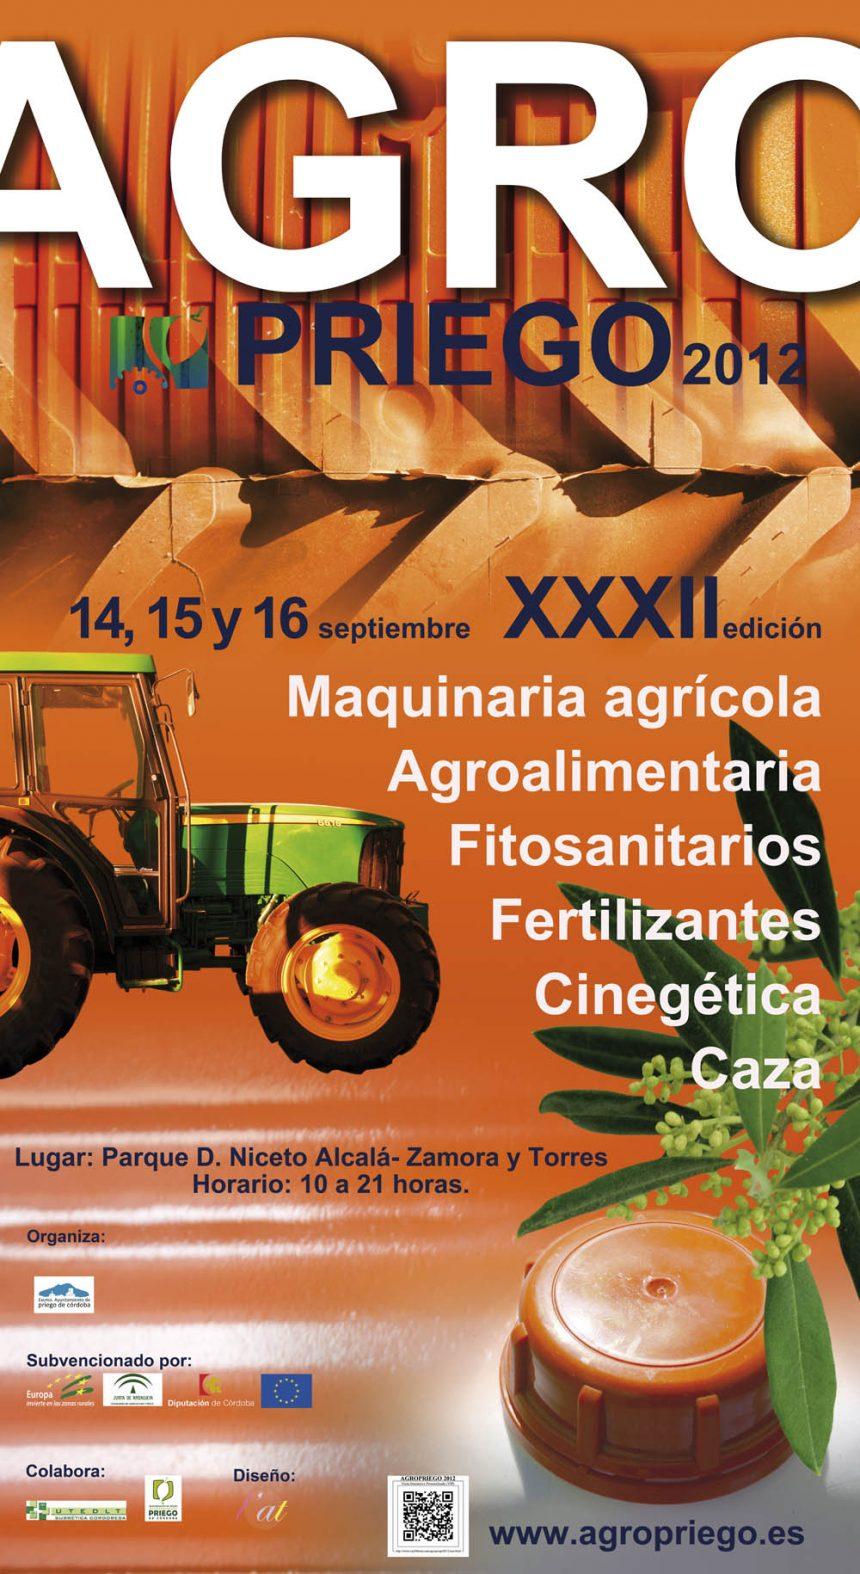 Agropriego 2012